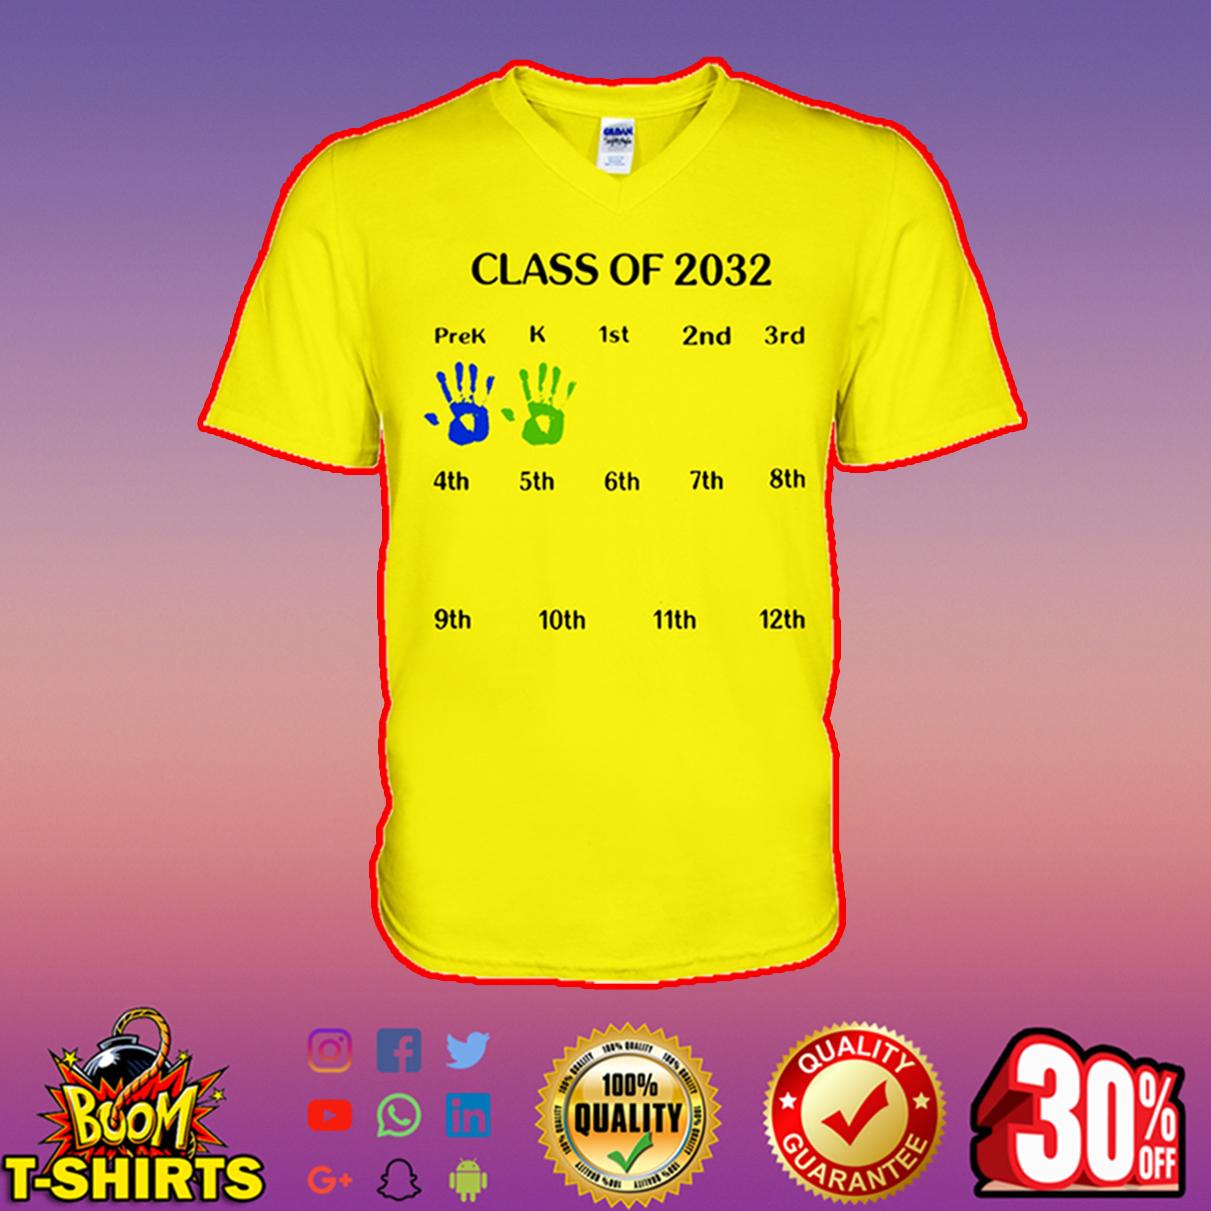 Class of 2032 v-neck